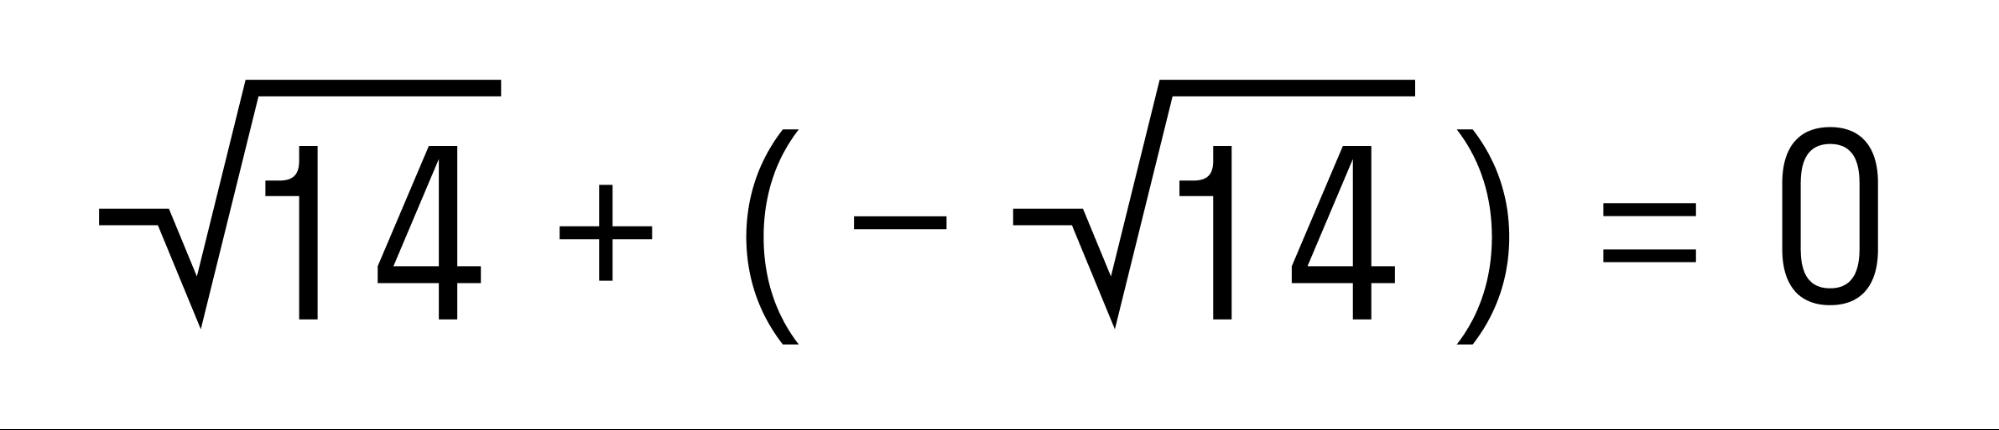 Cумма противоположных чисел